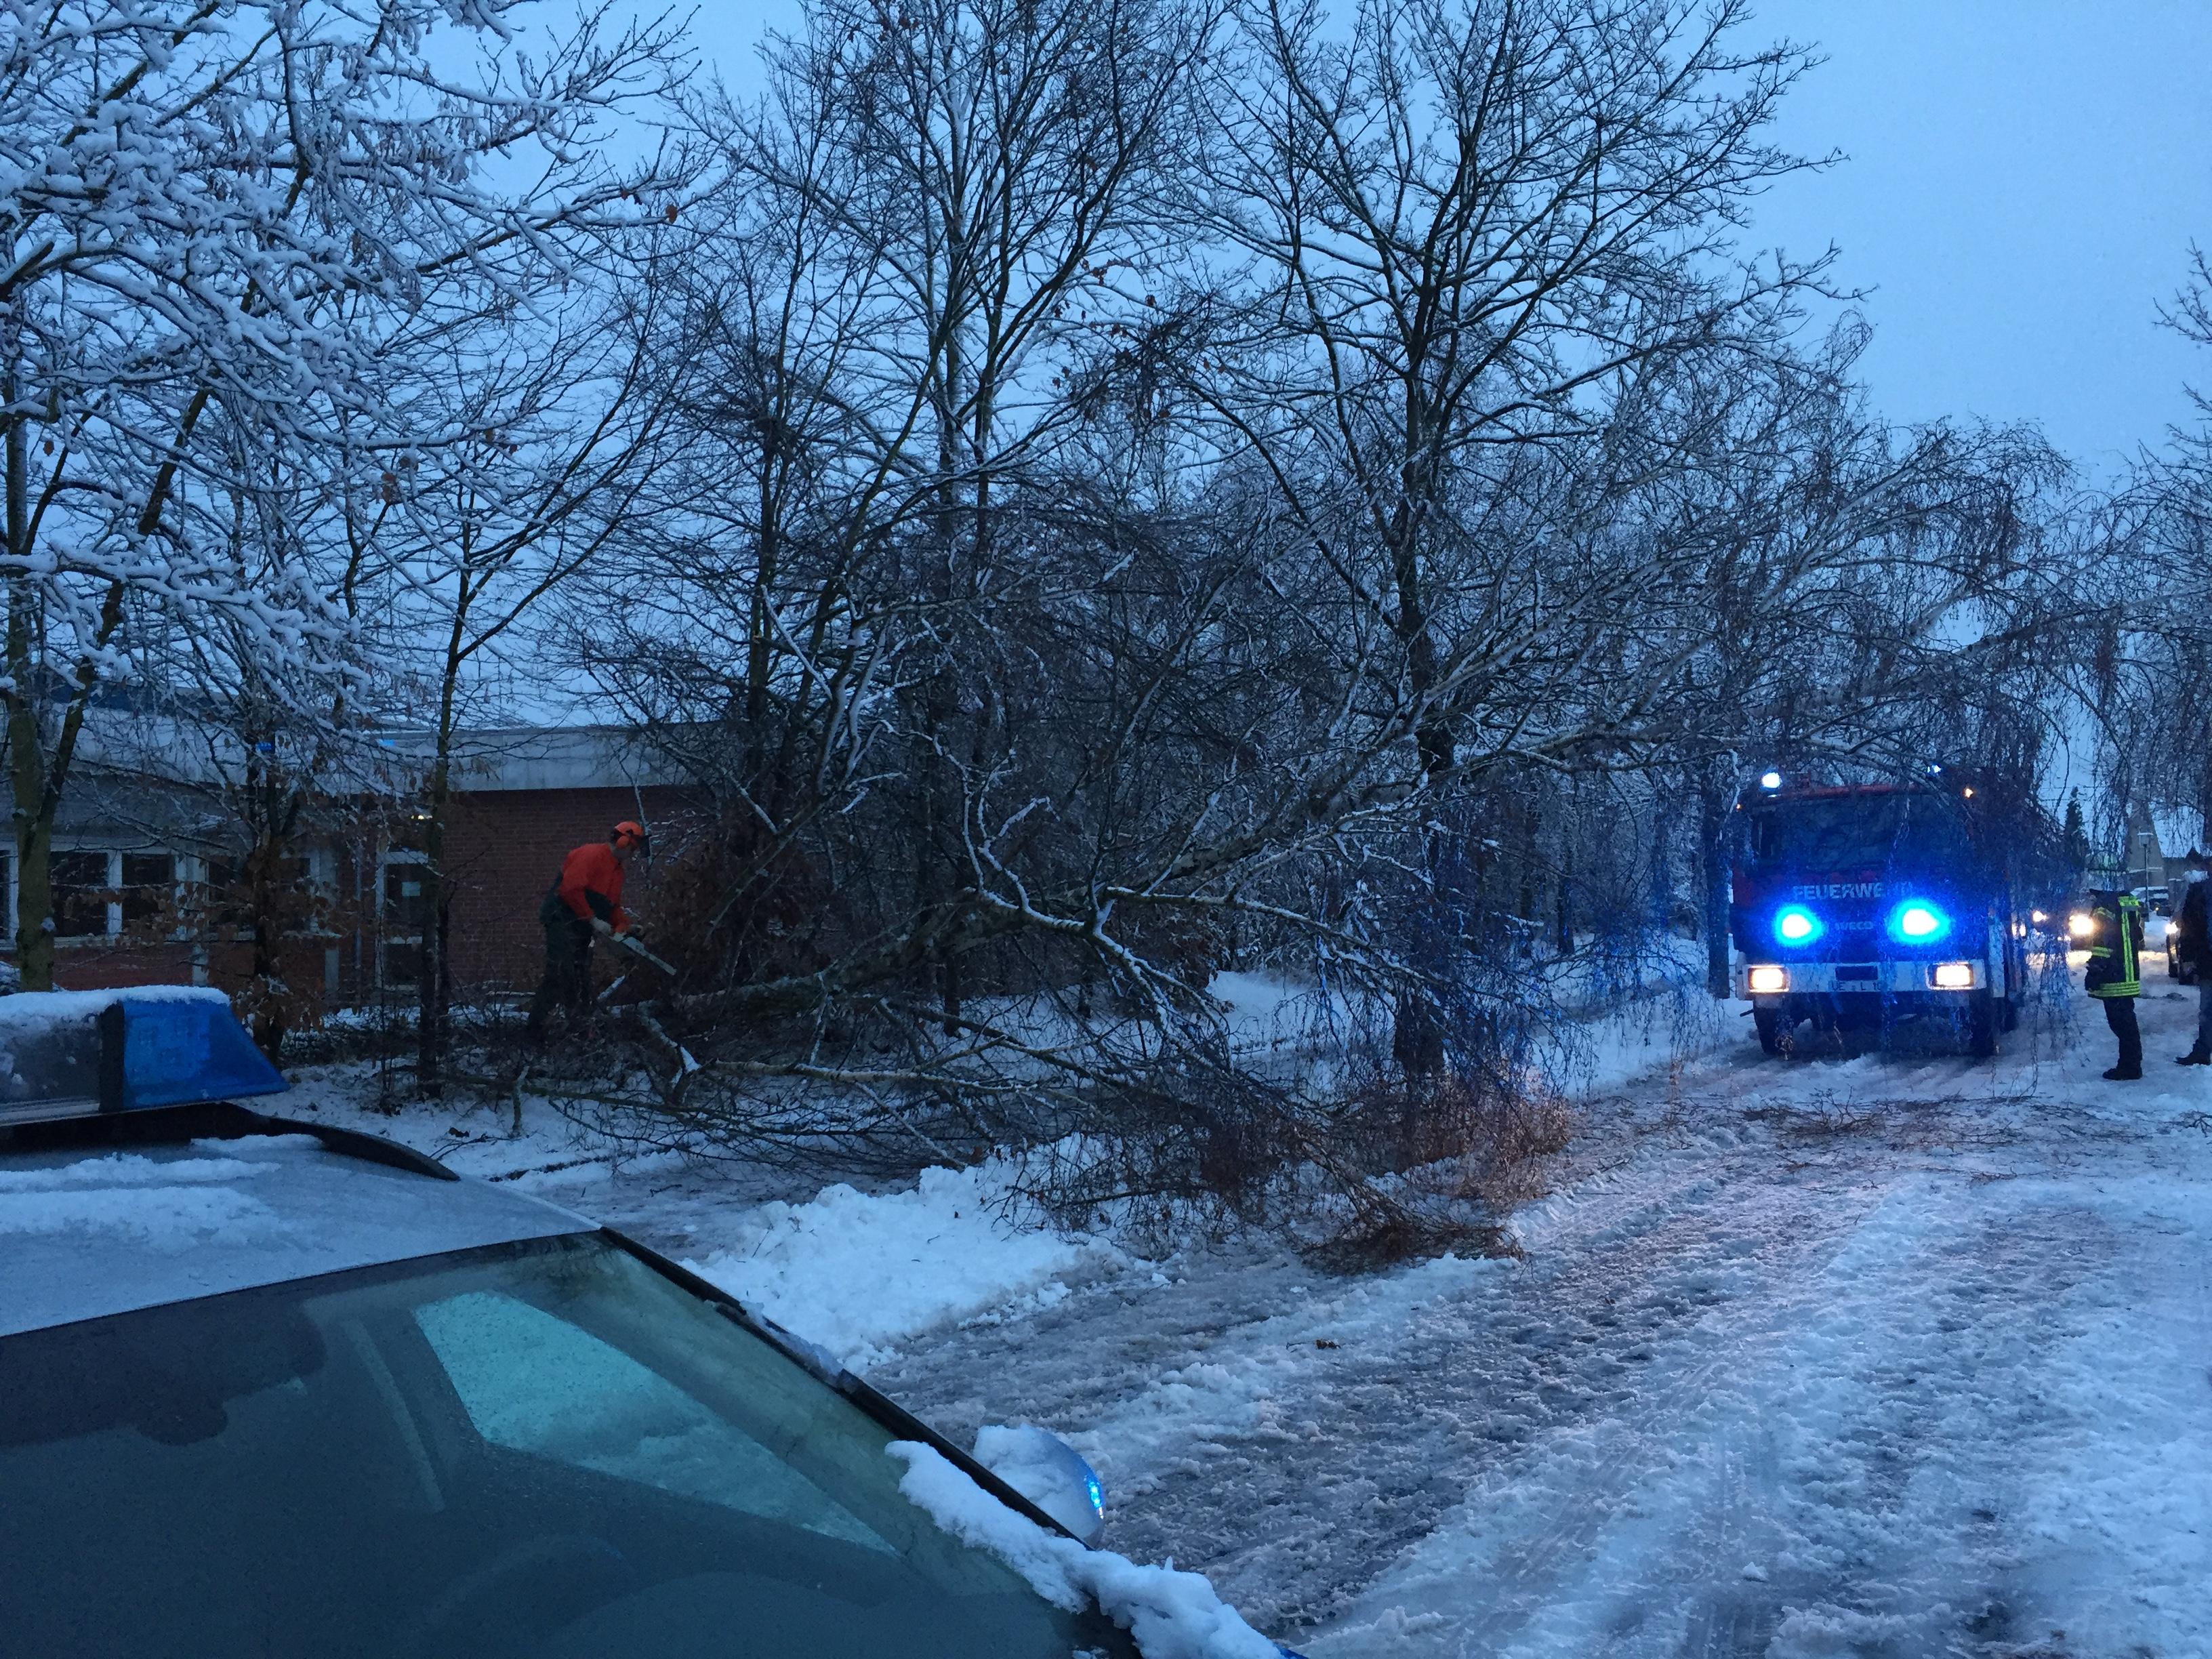 020. Baum droht auf Gehweg zu fallen